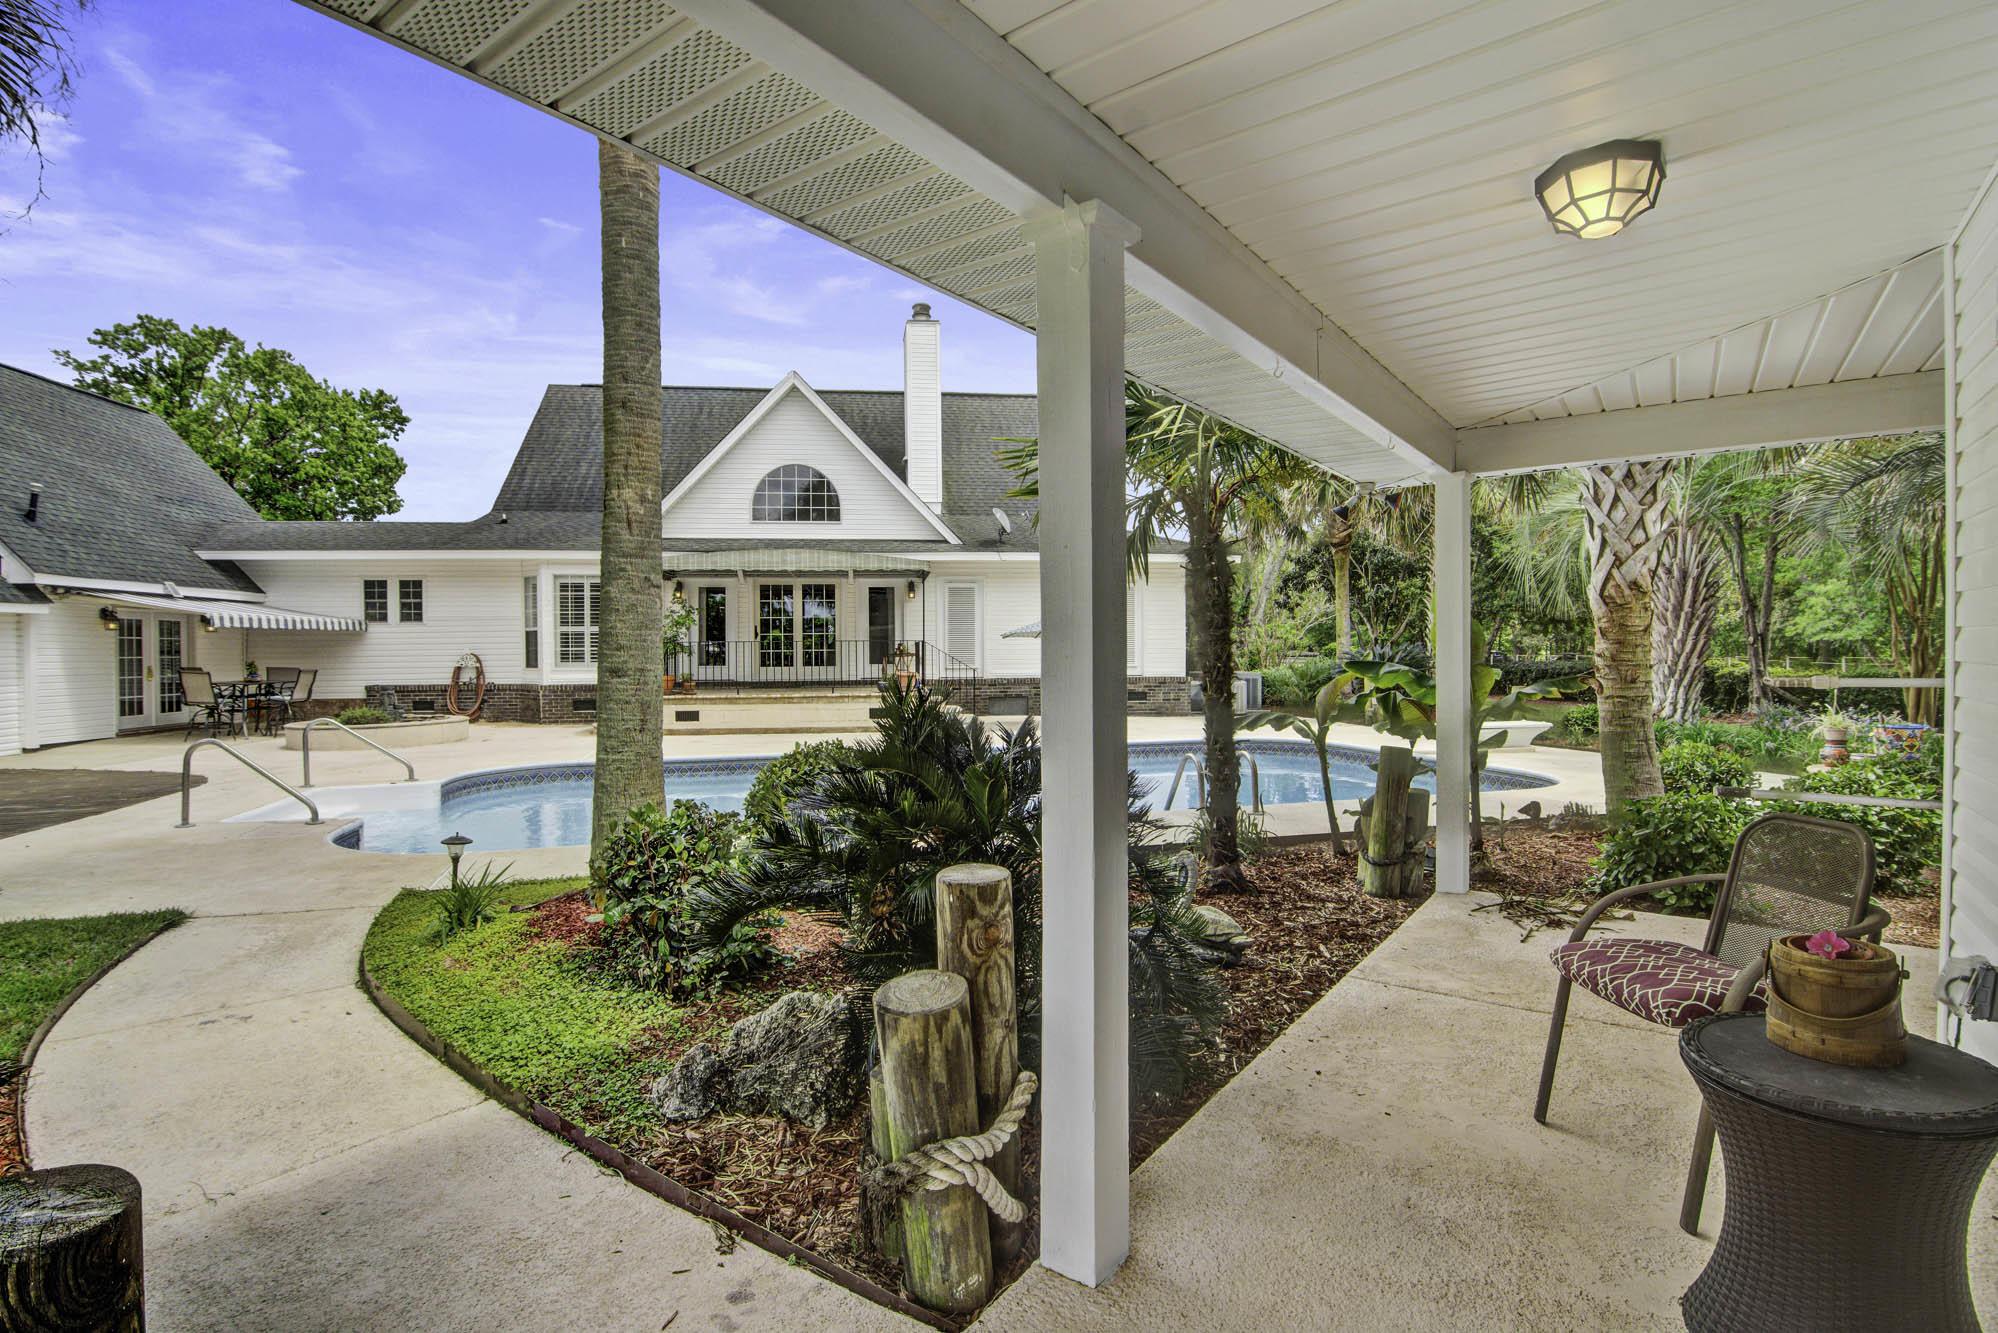 Walton Grove Homes For Sale - 119 Walton Grove, Summerville, SC - 47